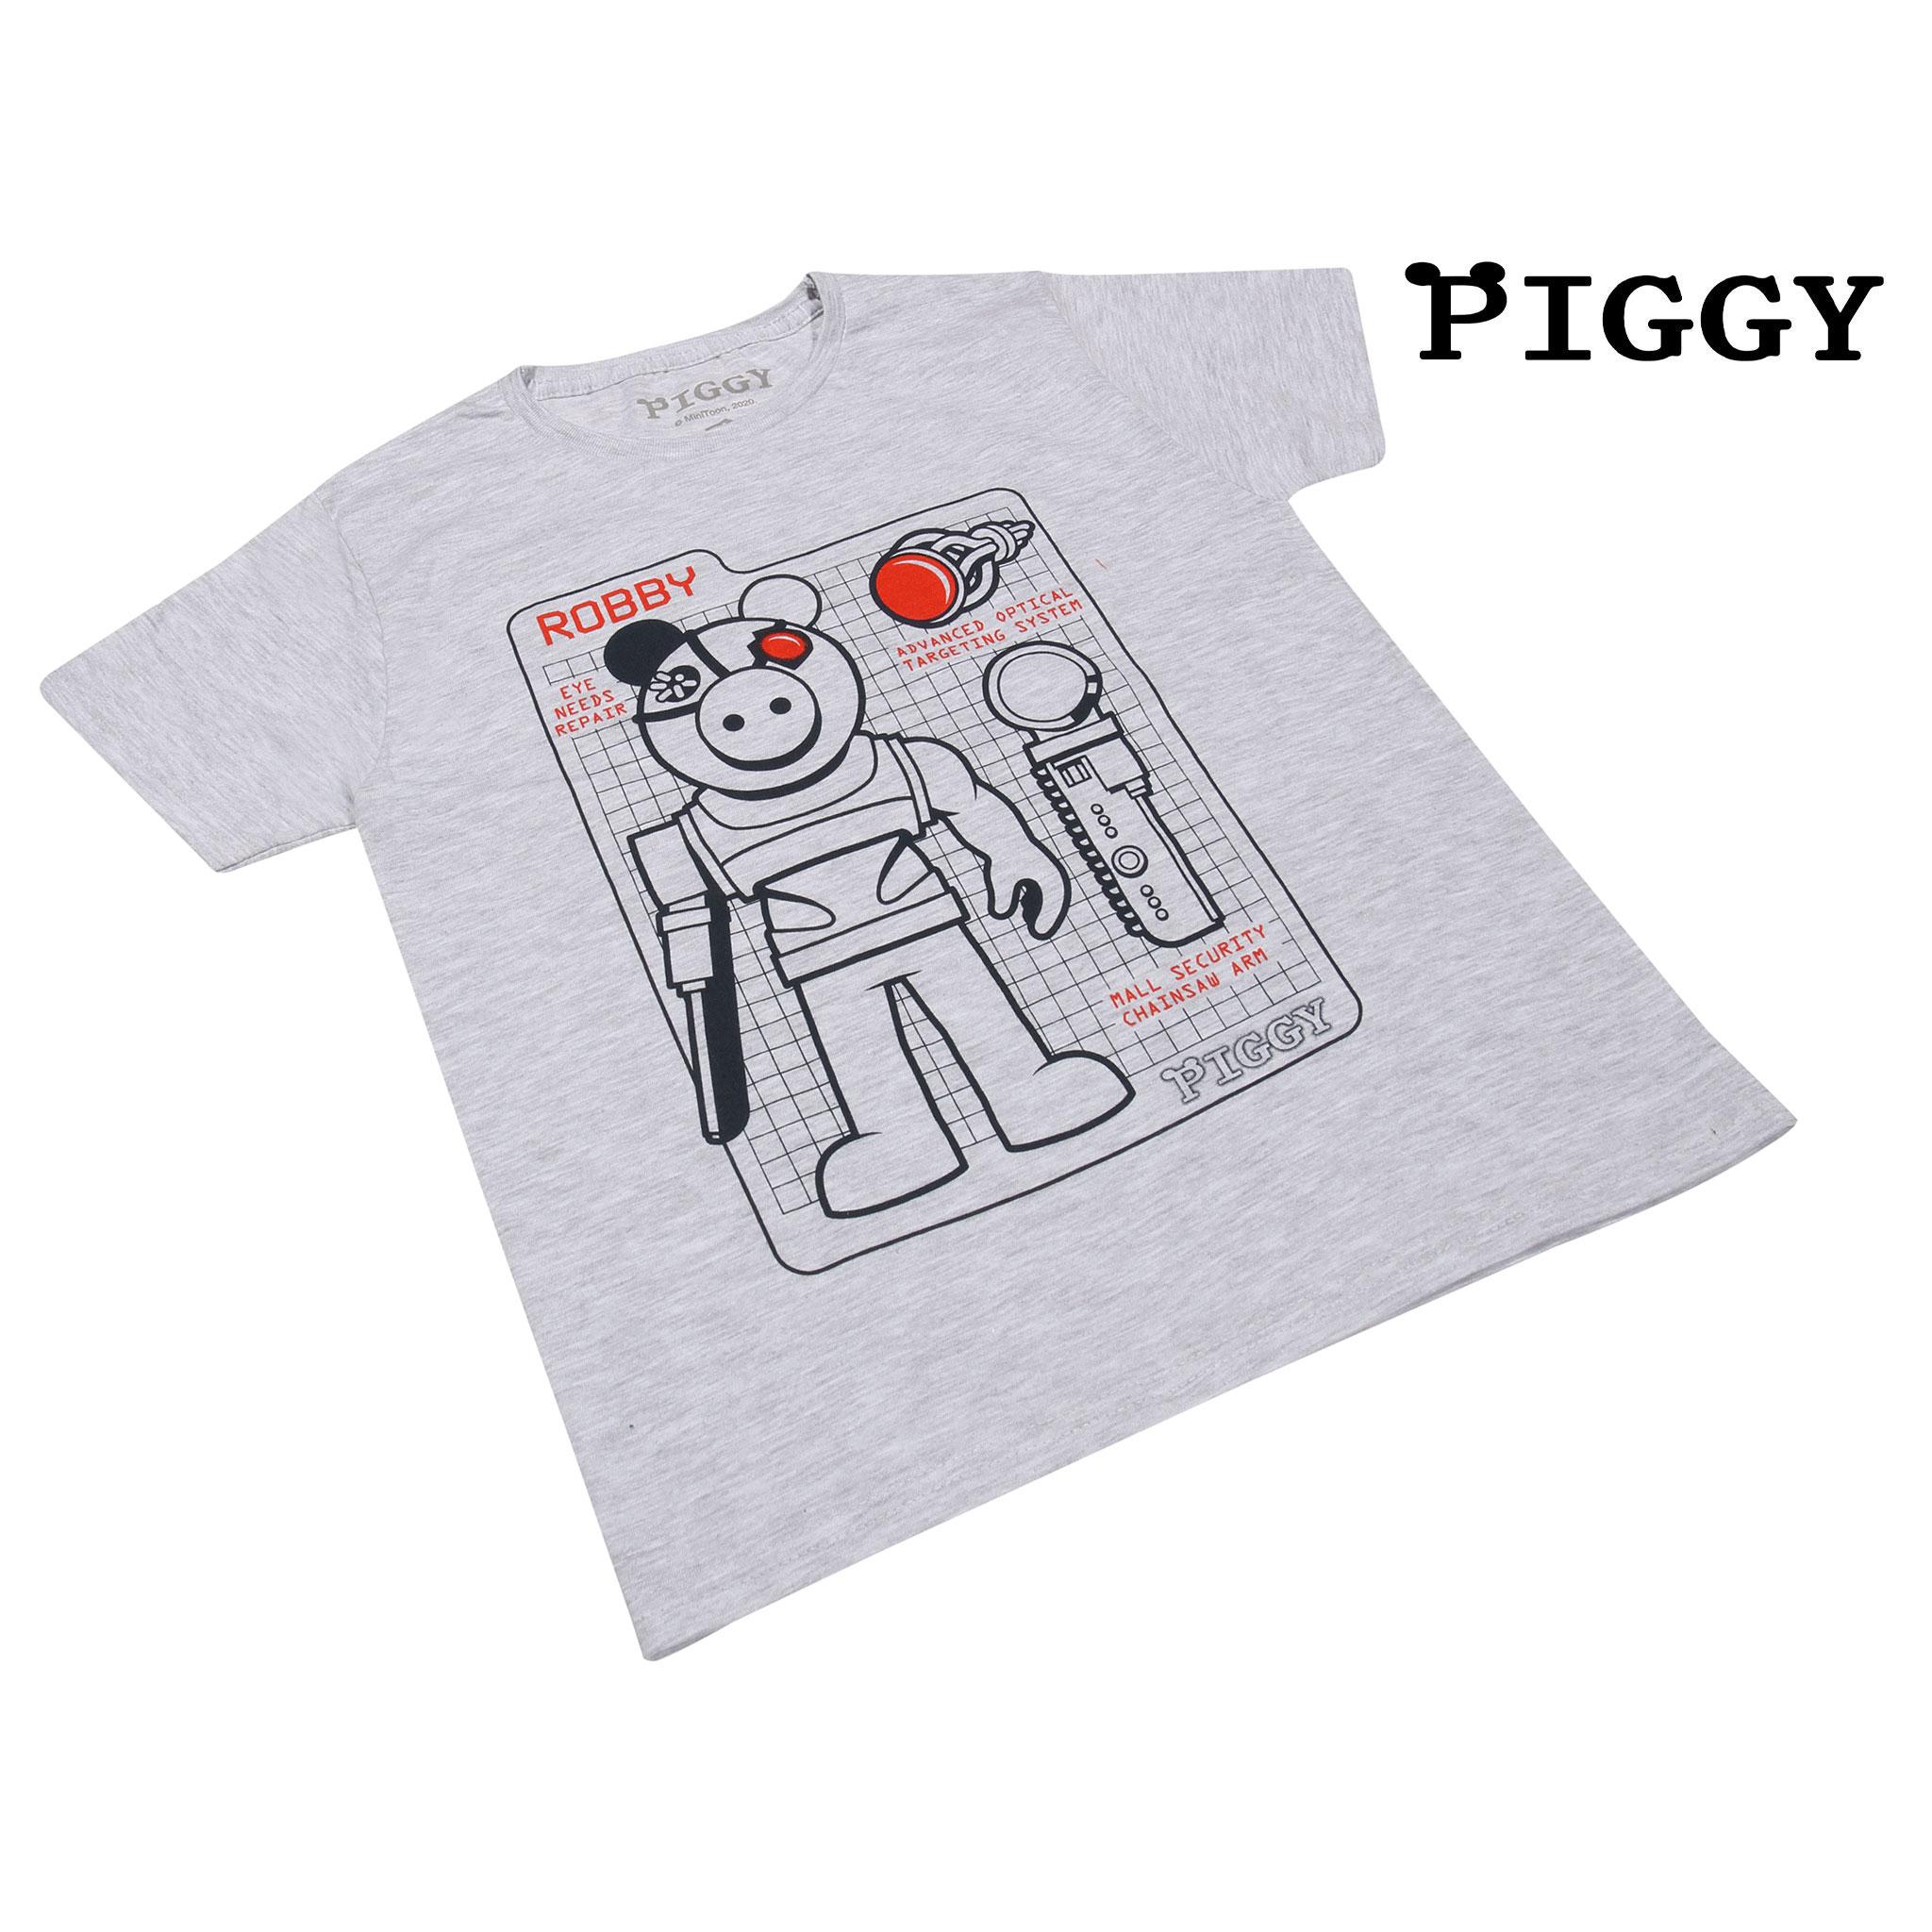 miniature 14 - Boys Piggy T Shirt Robby Tech Specs Official